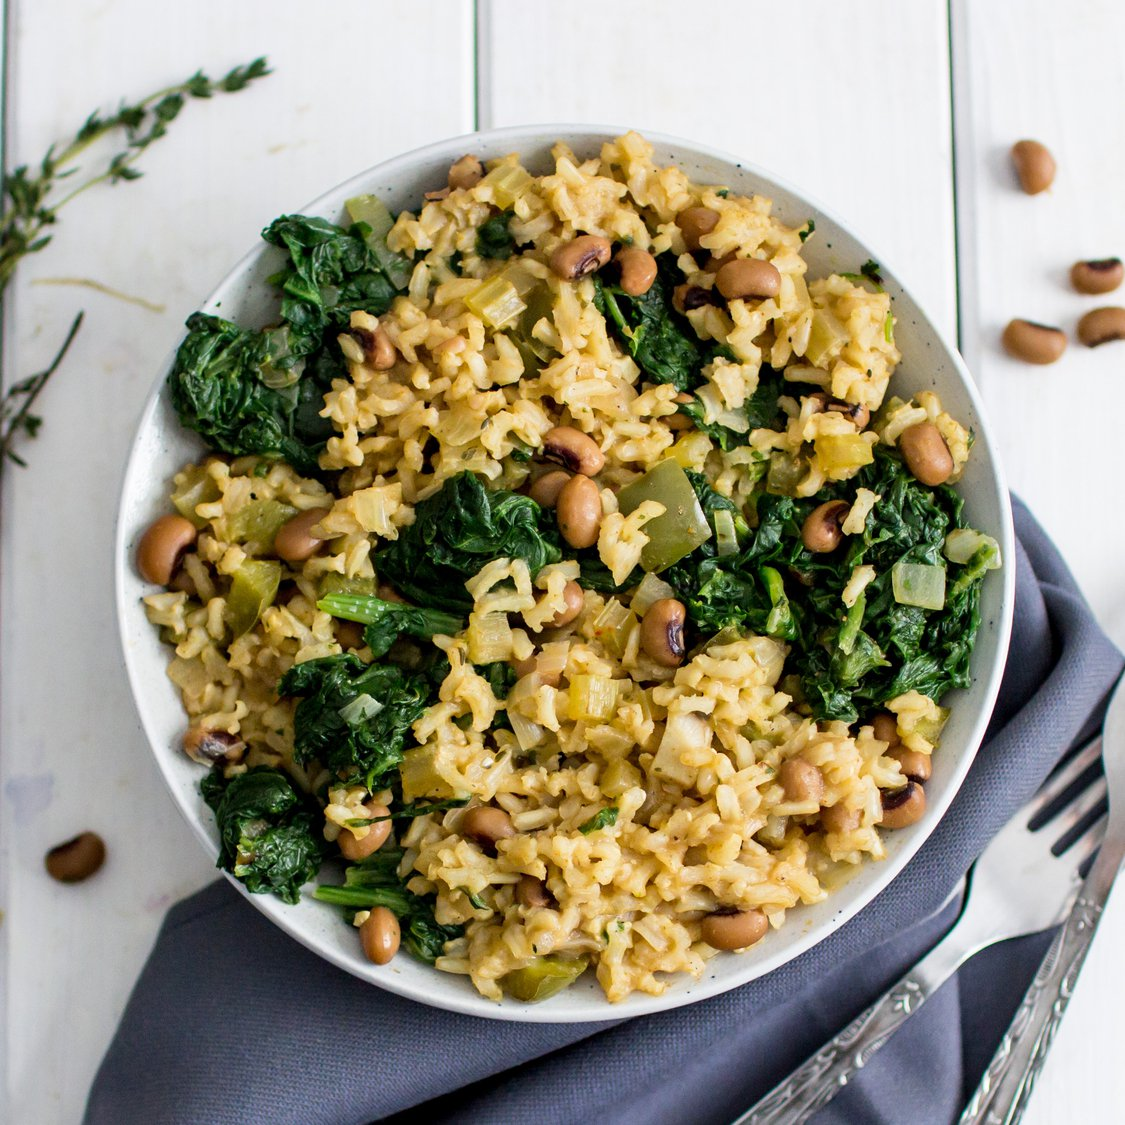 Brauner Reis mit Bohnen und Spinat